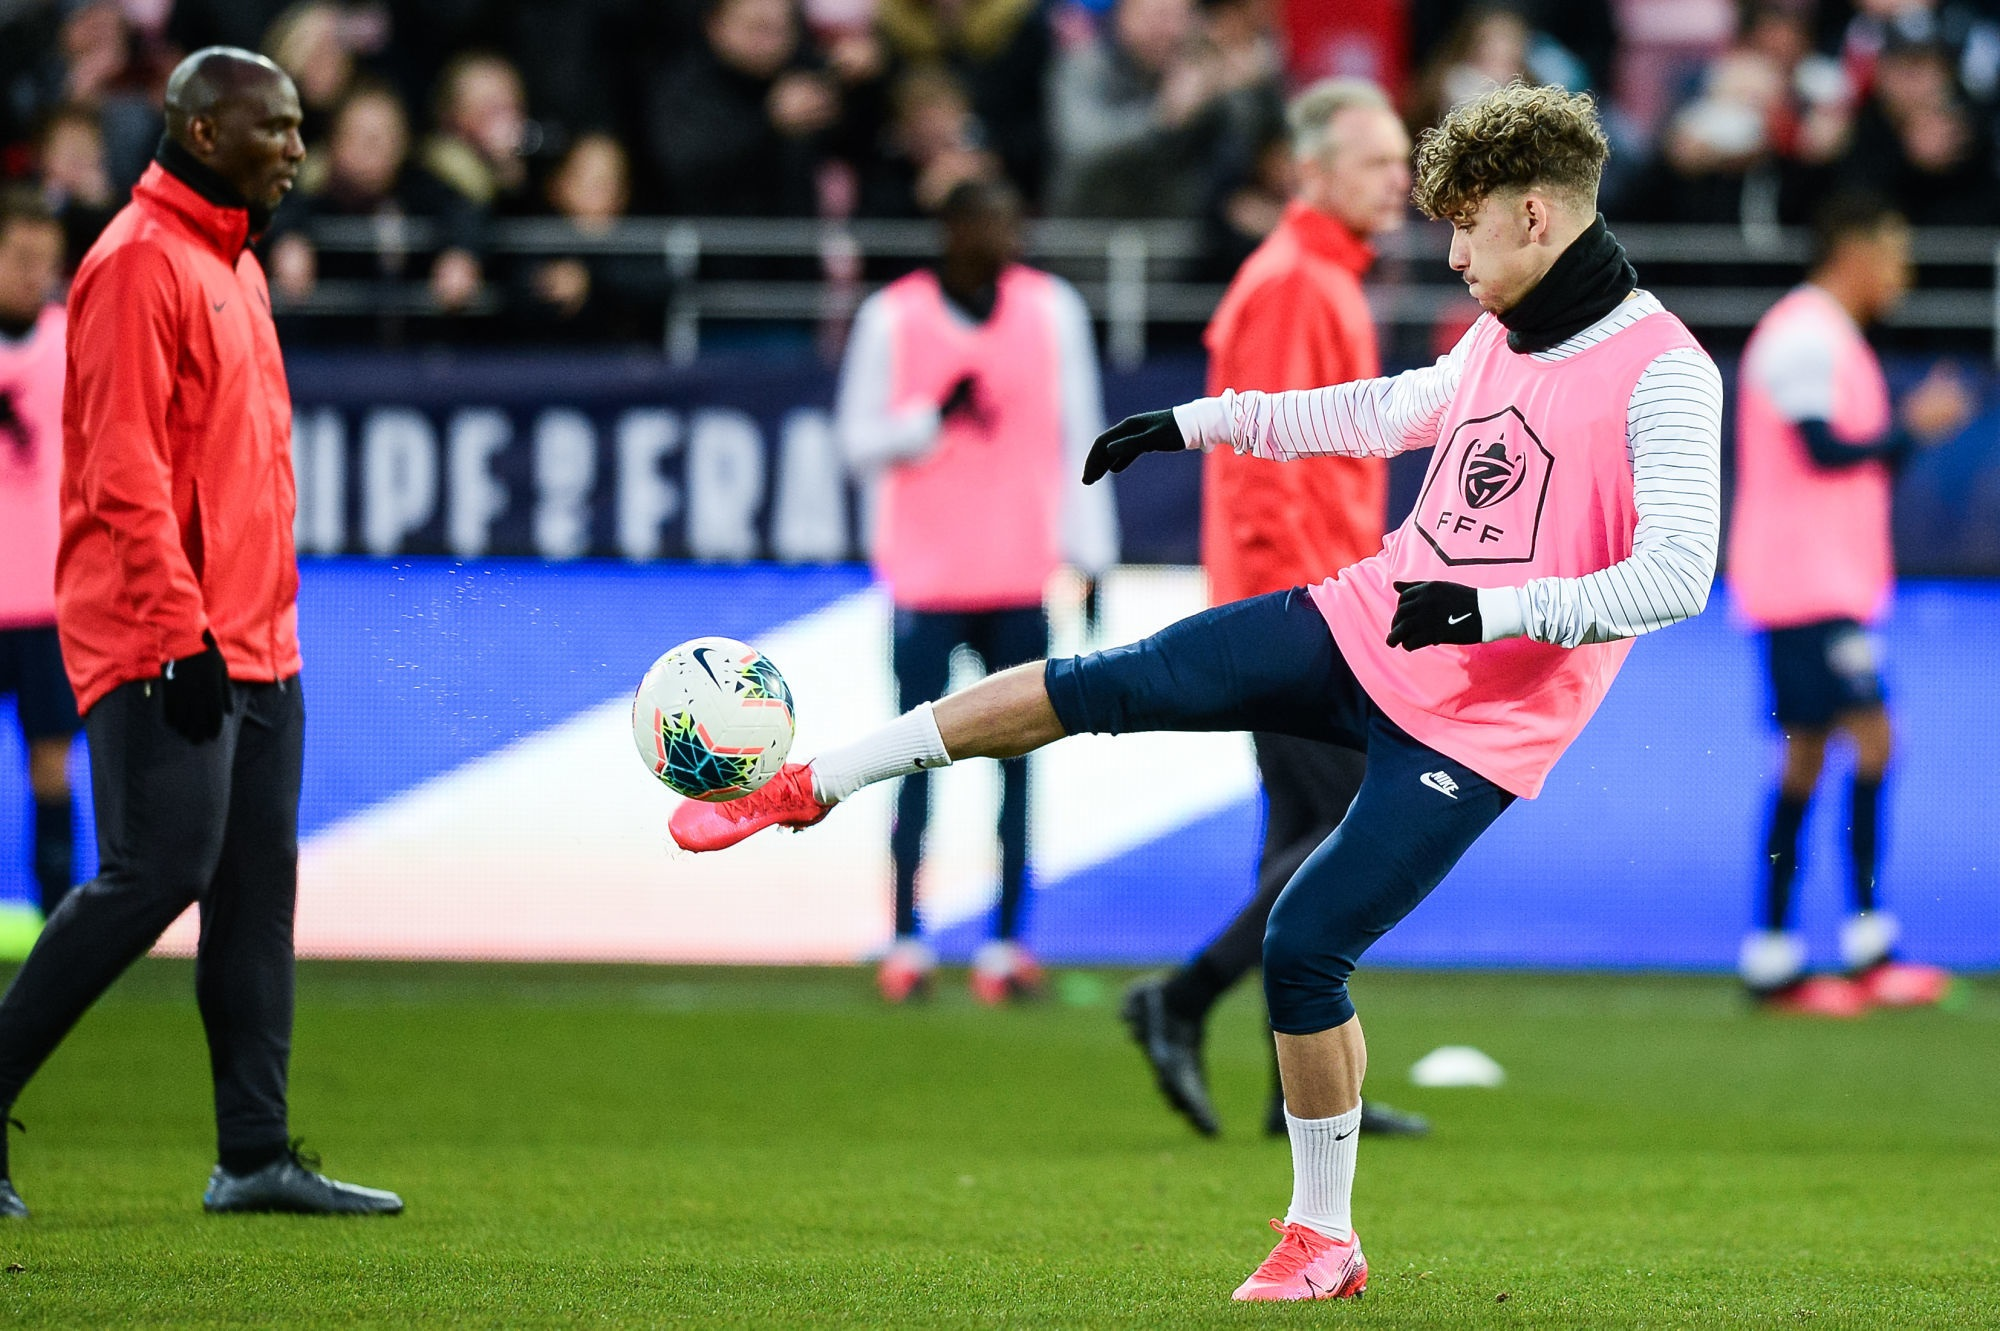 Aouchiche à l'ASSE, Le Parisien confirme la signature et l'absence pour la finale de Coupe de France